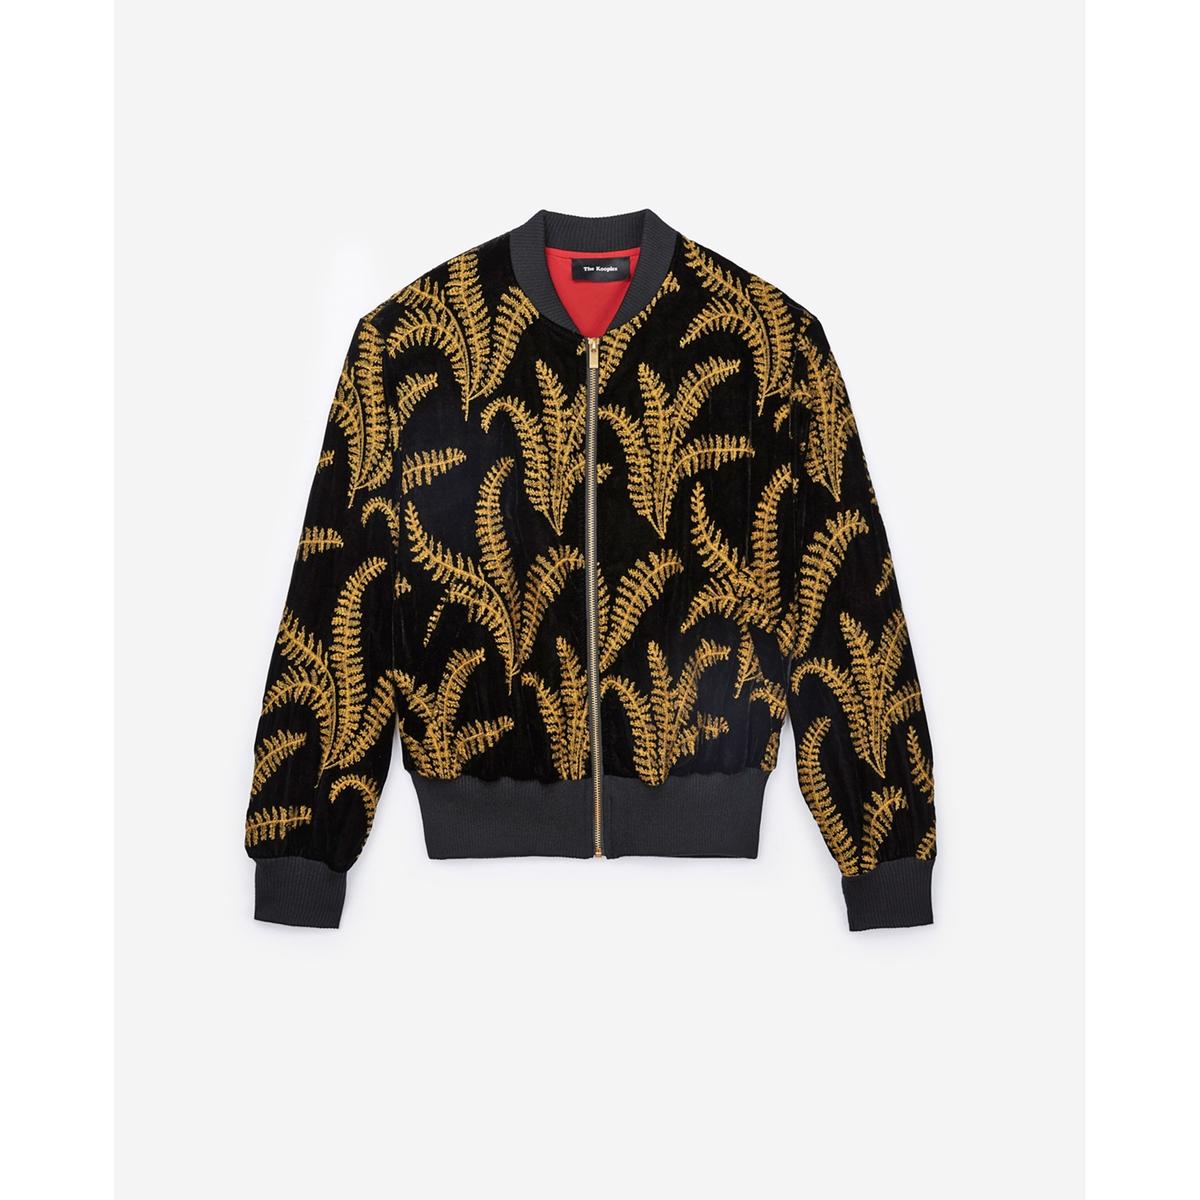 Бомбер прямого покрояОписание:Куртка в стиле бомбер THE KOOPLES. Велюр и контрастные вышивки.Детали •  Бомбер •  Прямой покрой •  Воротник-стойка •  Цветочный рисунокСостав и уход •  100% полиэстер •  Подкладка : 12% эластана, 88% полиамида •  Следуйте советам по уходу, указанным на этикетке<br><br>Цвет: черный